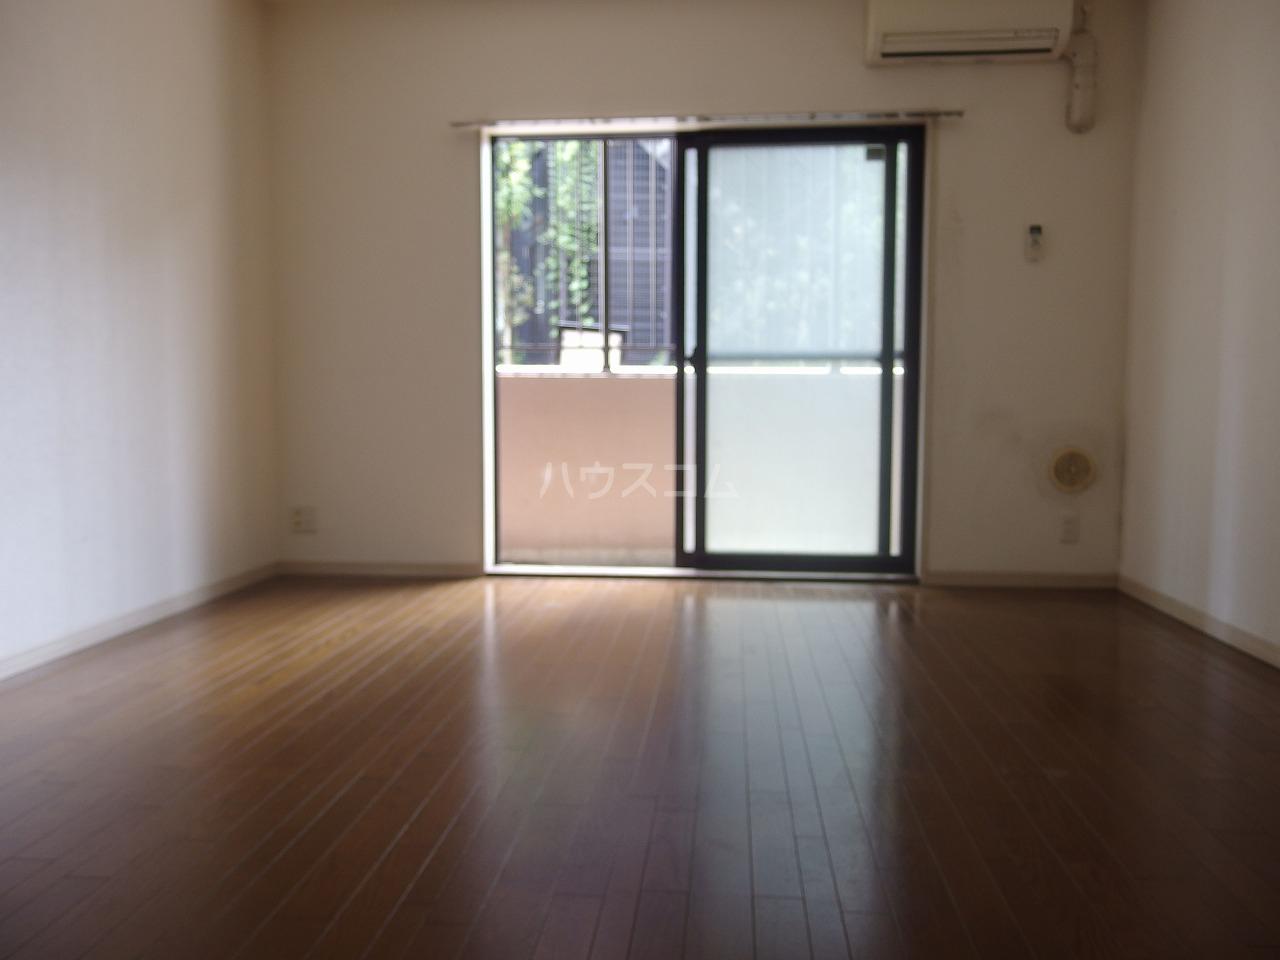 ライオンズシティ聖蹟桜ヶ丘 111号室のリビング